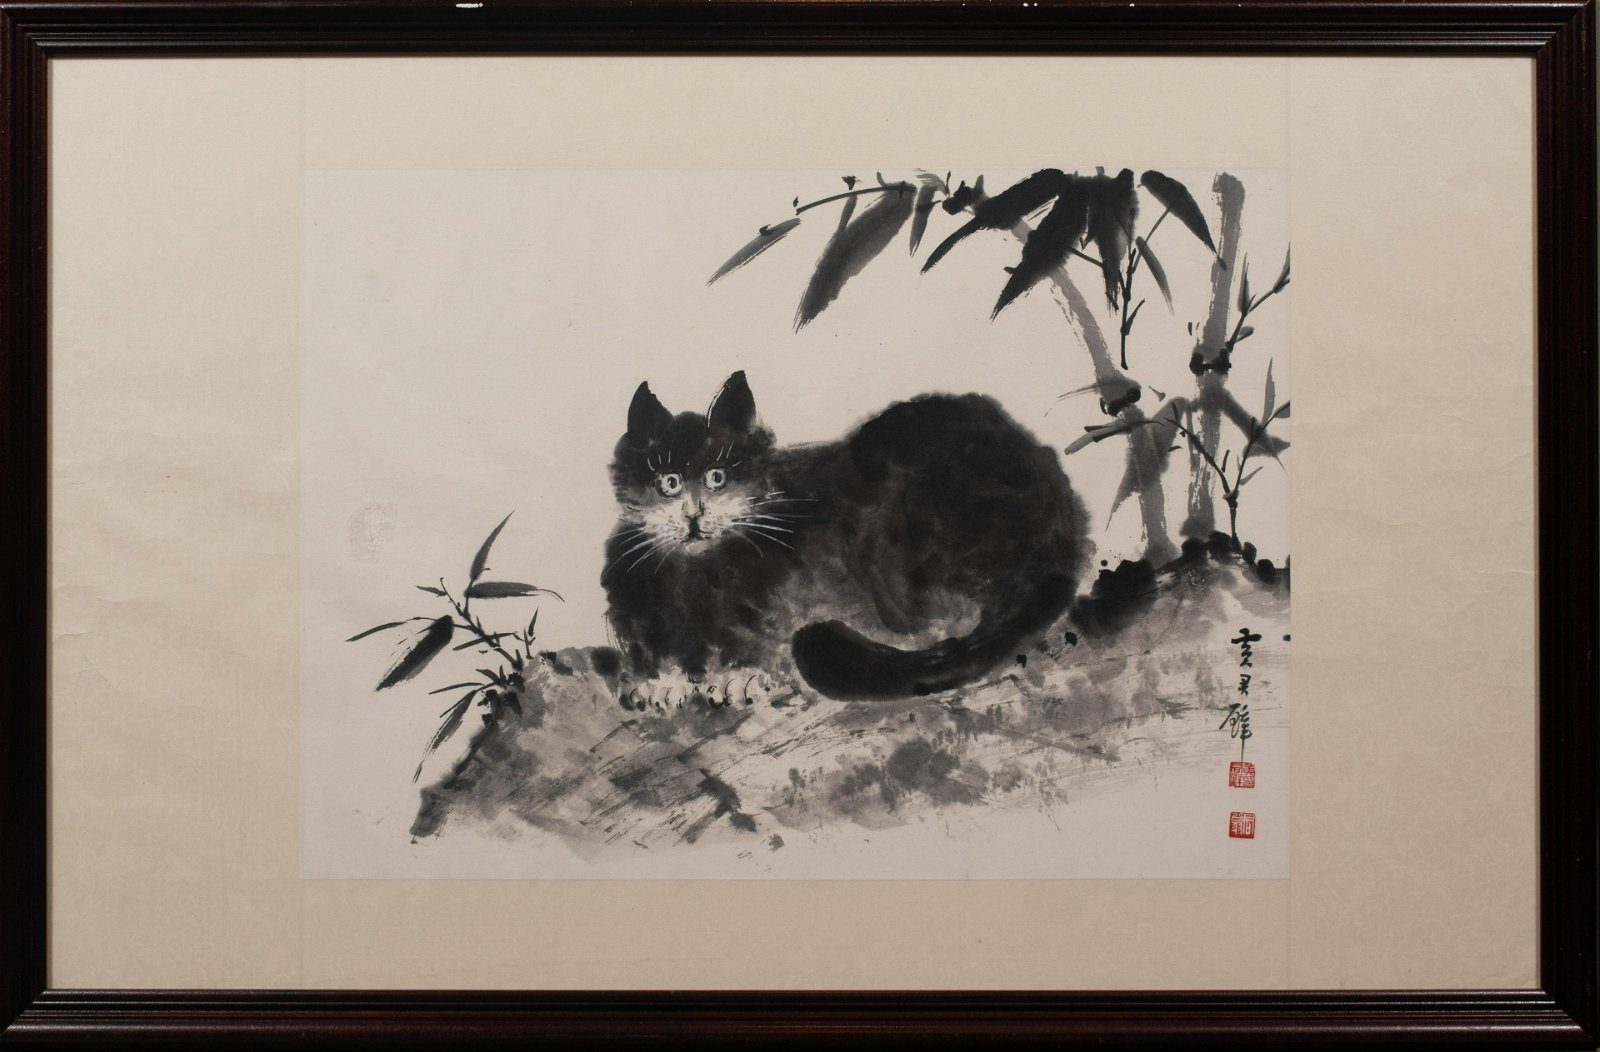 Chinese Painting of Cat, Huang Junbi